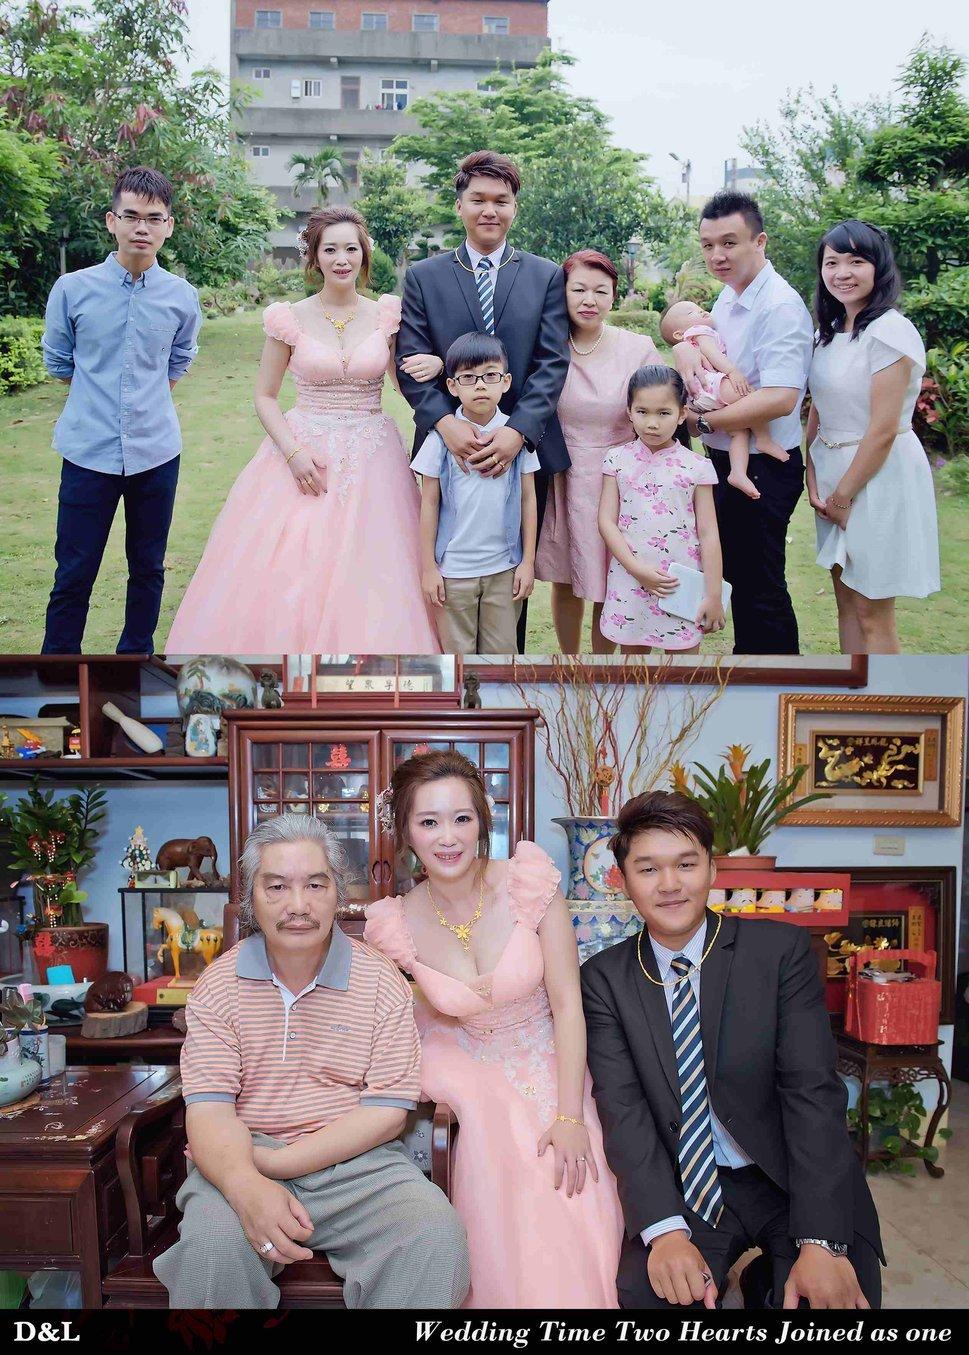 婚禮記錄 俊明&少怡(編號:248822) - D&L 婚禮事務-婚禮攝影/婚紗攝影 - 結婚吧一站式婚禮服務平台